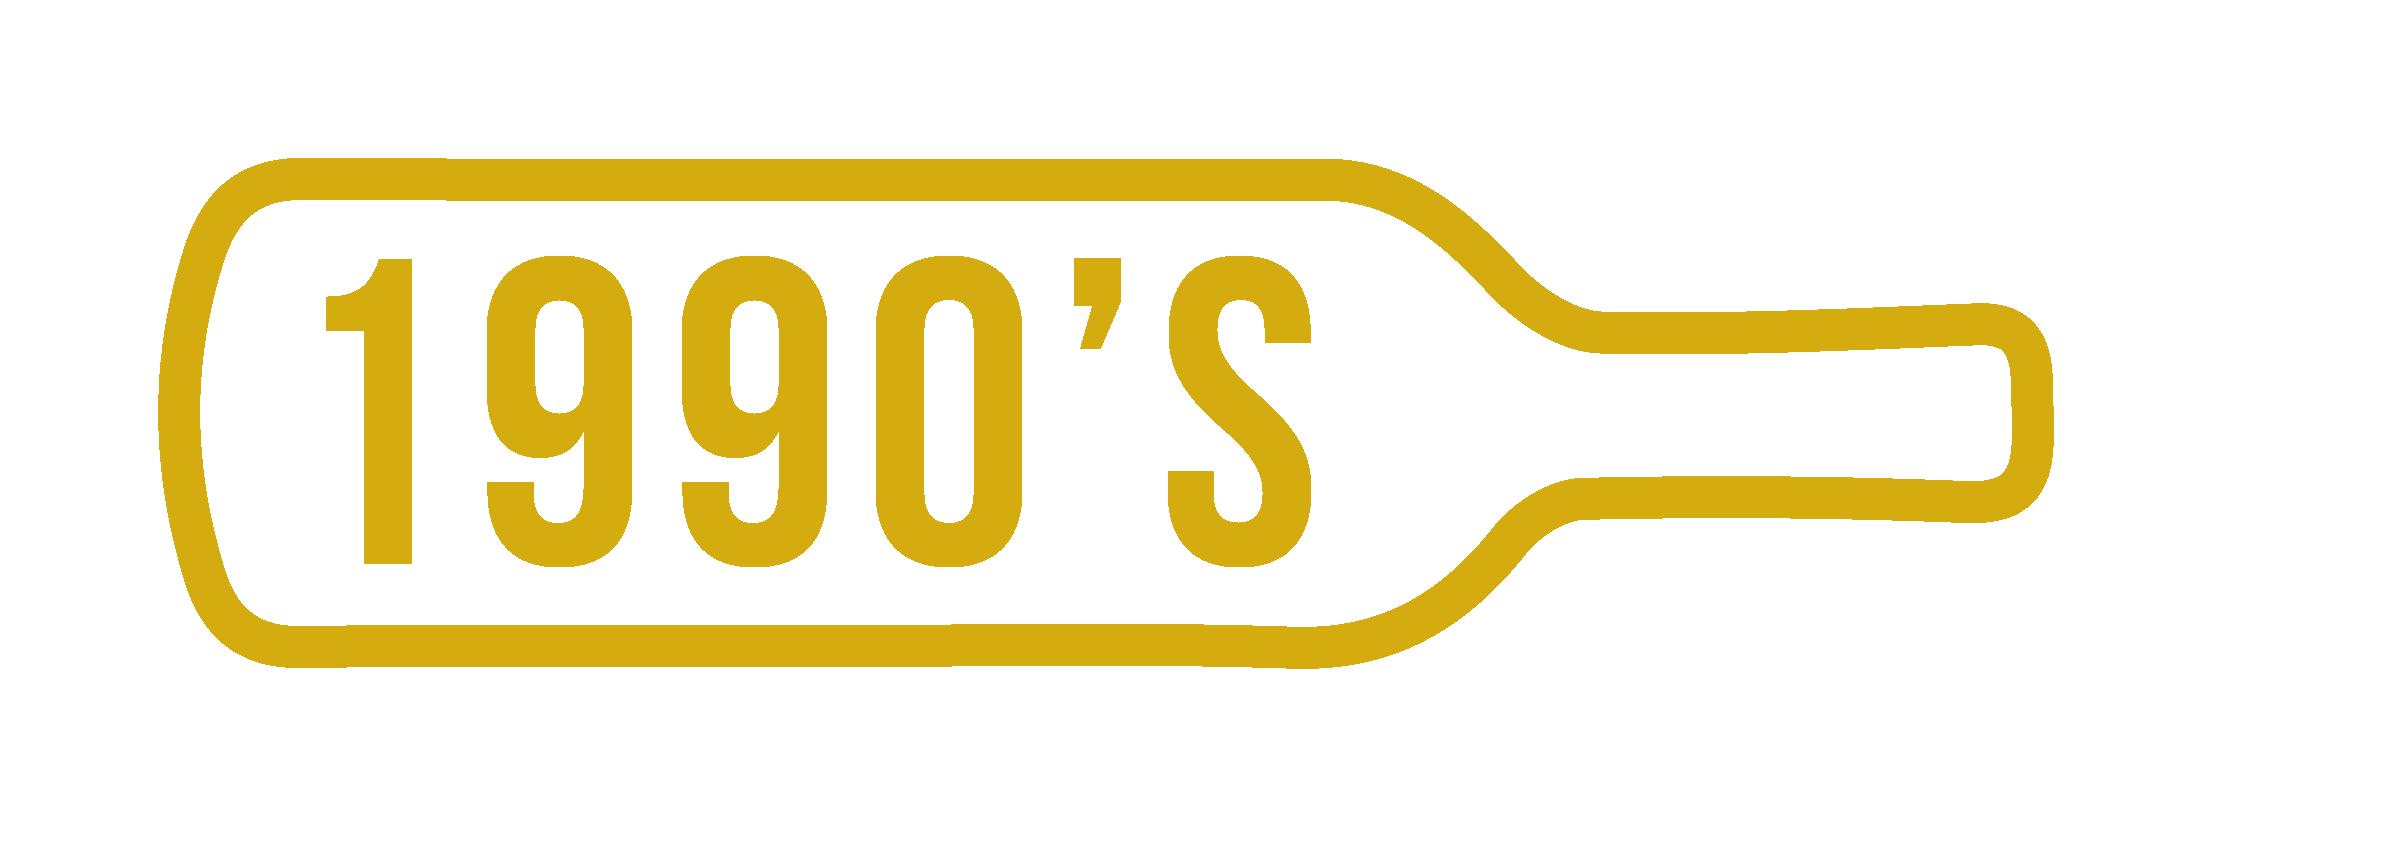 Créez vous-même votre coffret vin anniversaire millésime 1990 à 1999